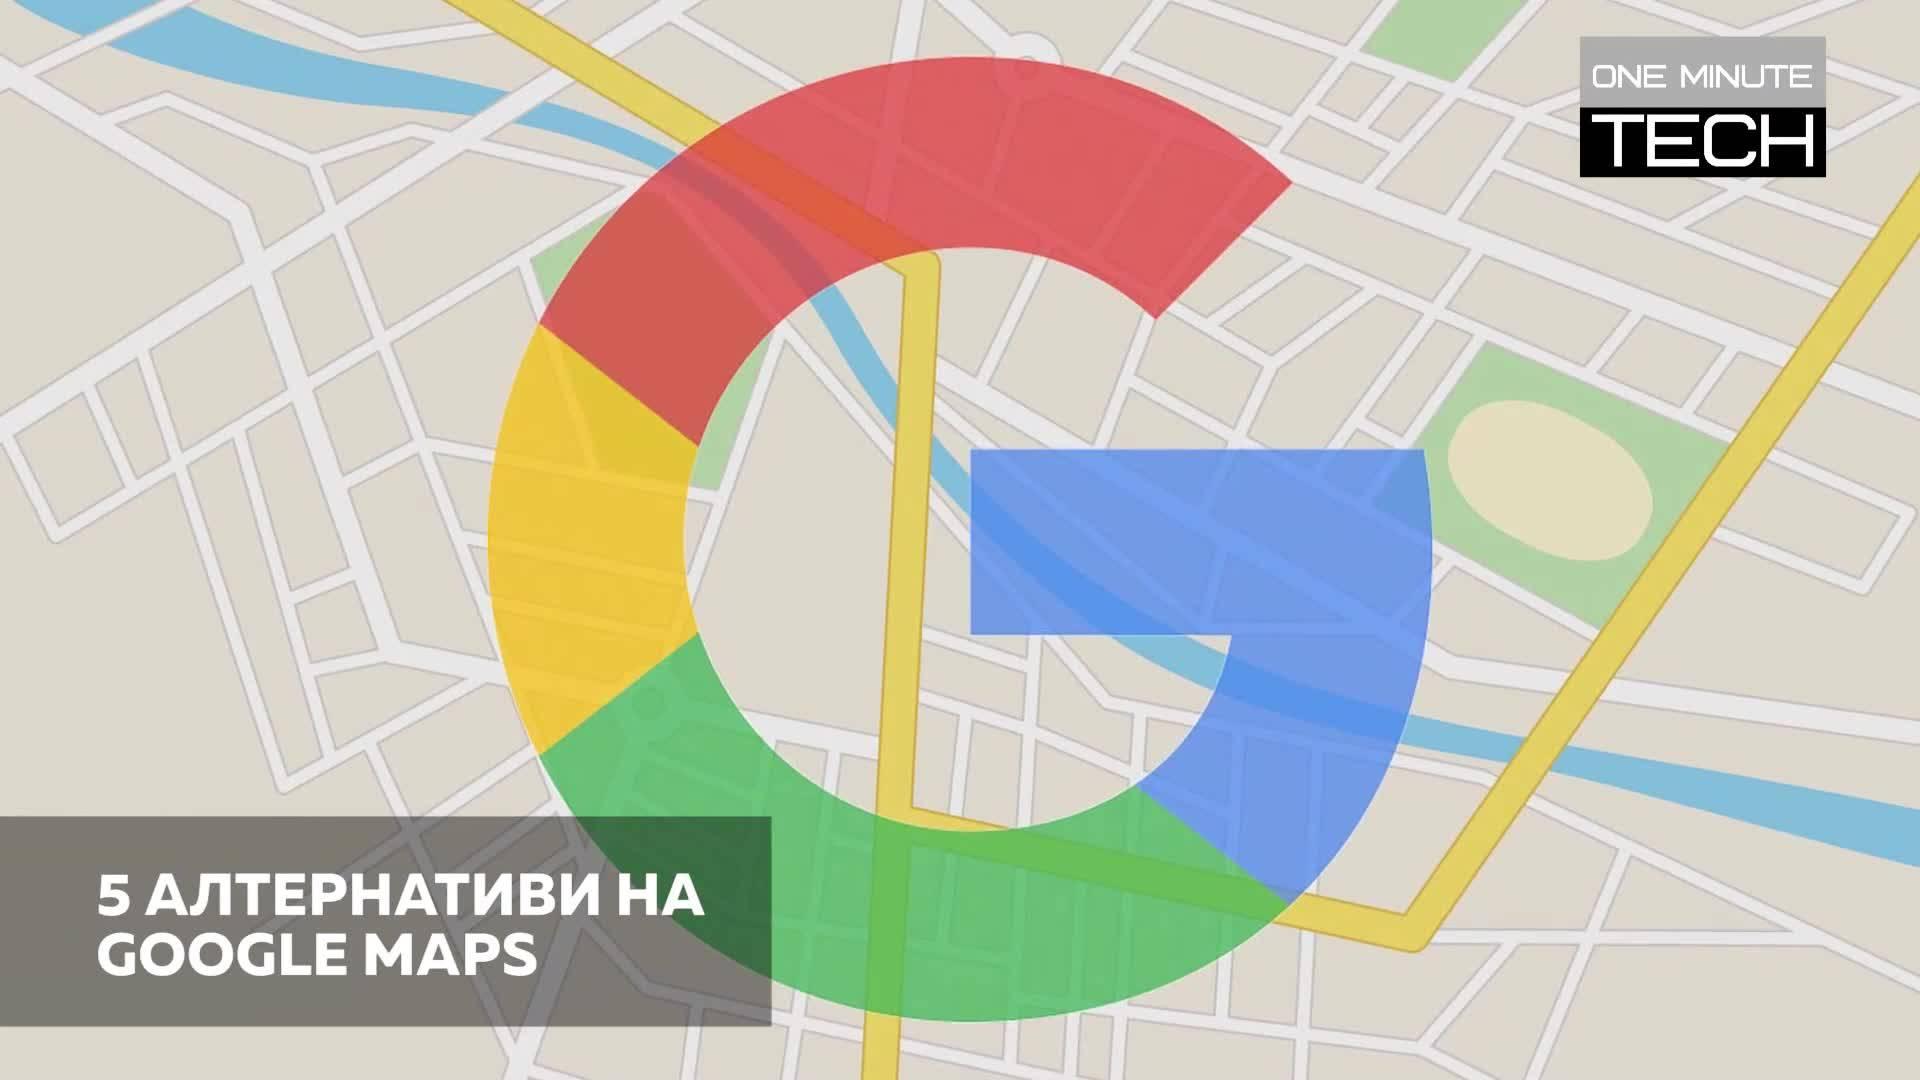 5 алтернативи на Google Maps